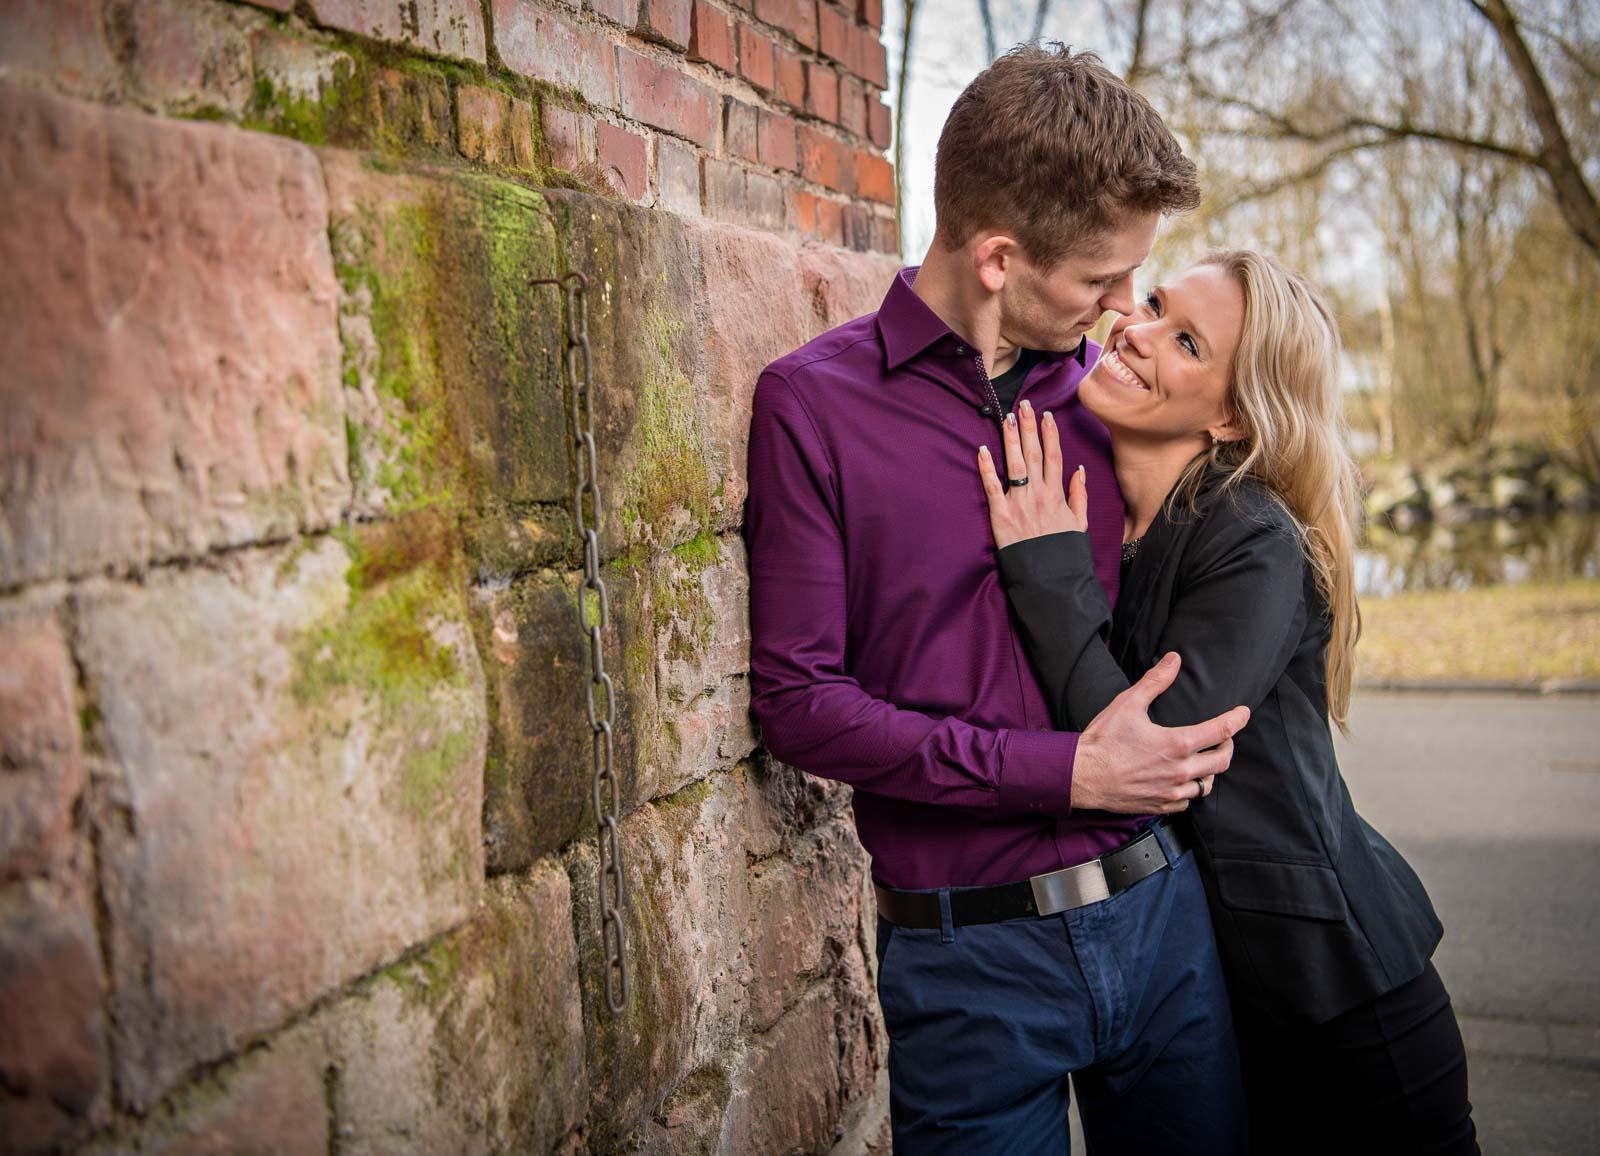 kennlern fotoshooting verlobung hochzeit 007